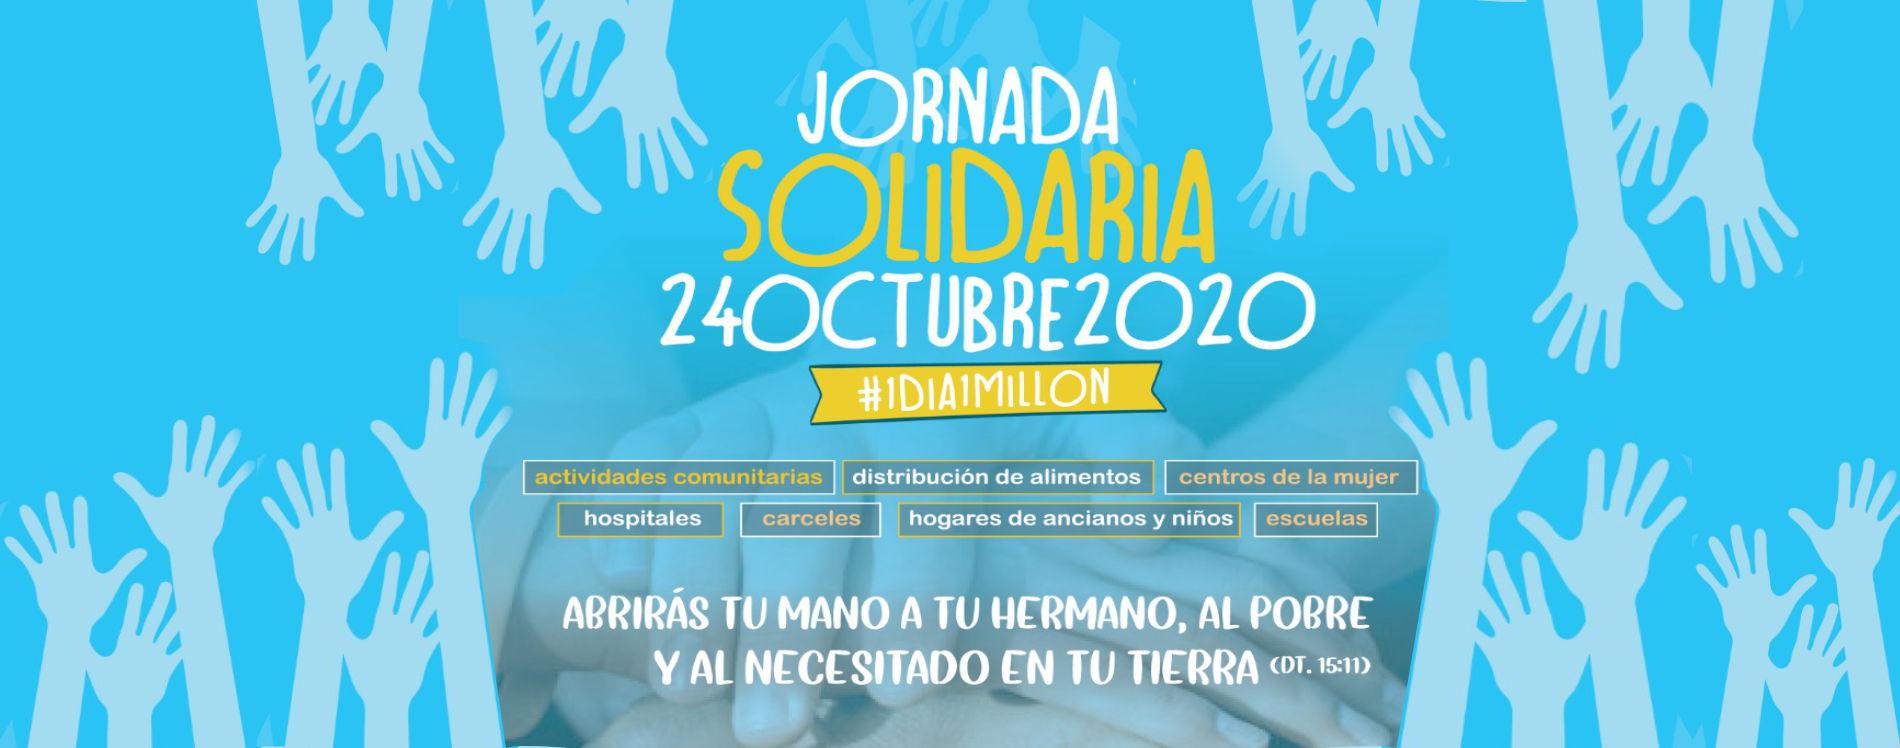 web_encabezadoIDD23